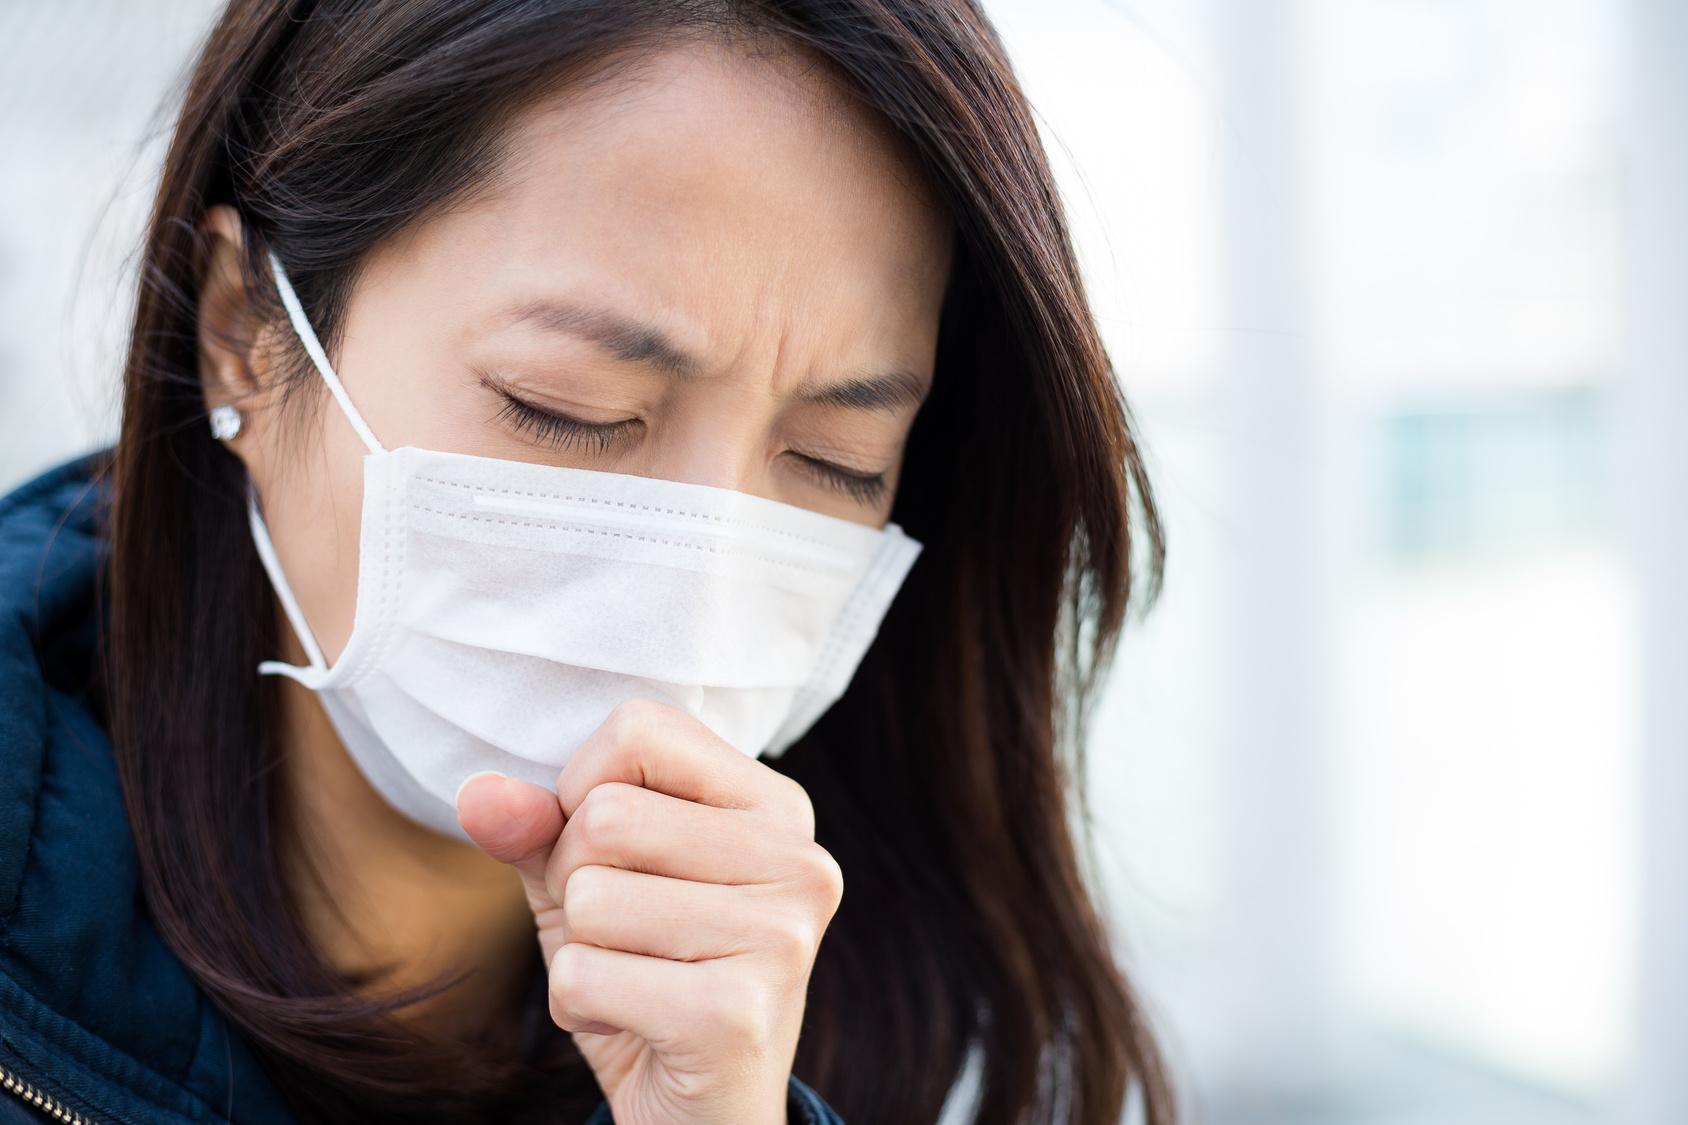 咳が止まらない!自分で対処したいけど病院に行った方がいい?